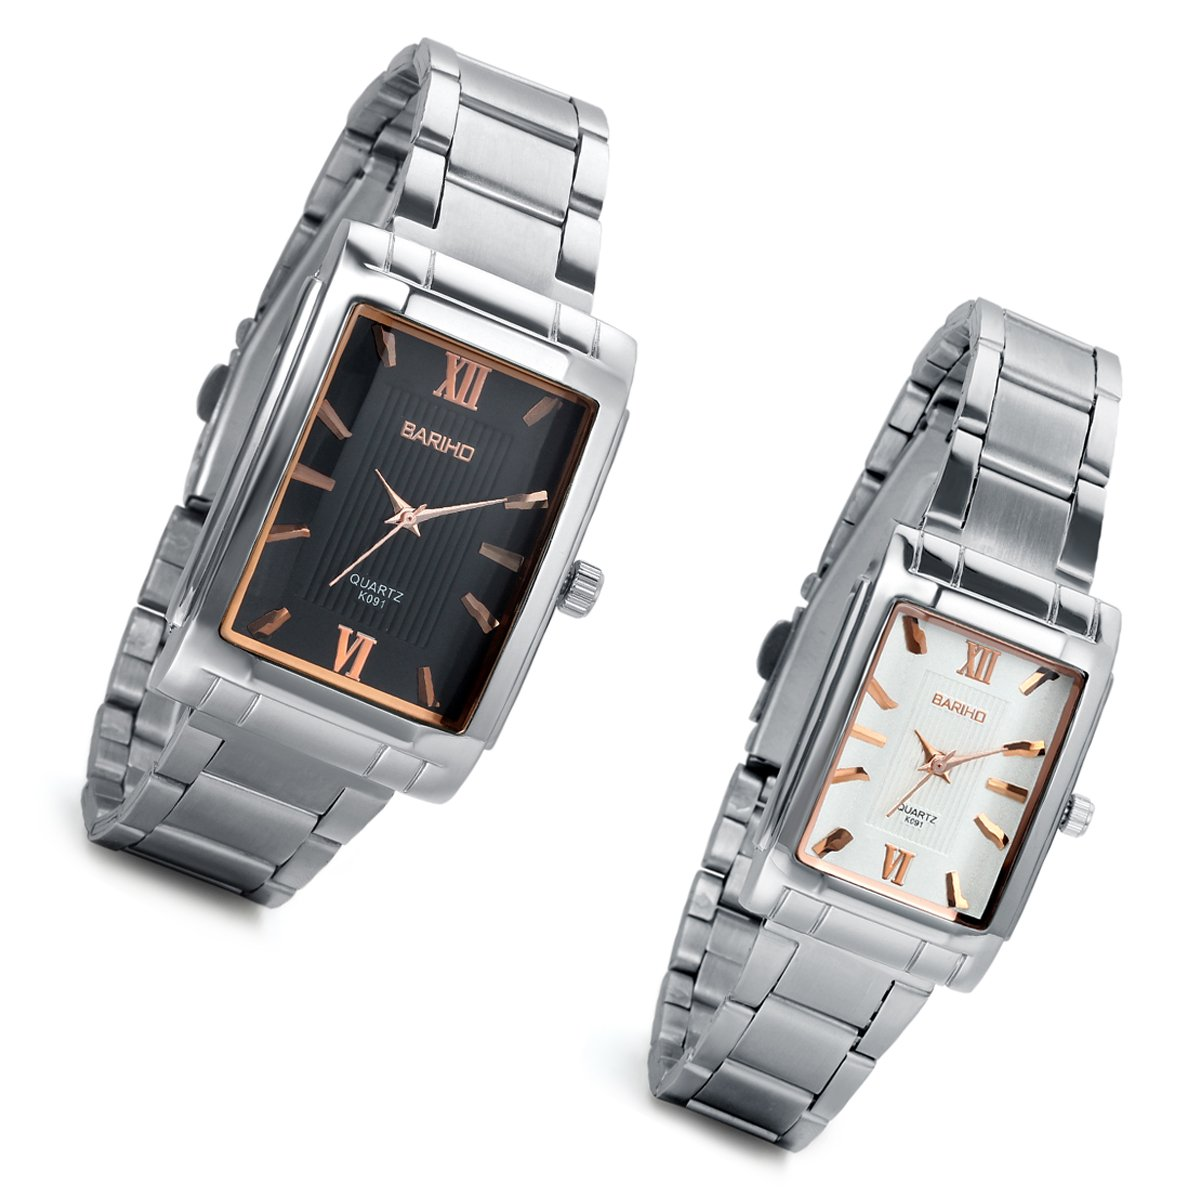 Lancardo 2pcs Partner Casual Herren Damen Armbanduhr, Analog Qaurzuhr Liebespaar Paaruhren Set mit schwarz Zifferblatt, Edelstahl Armband, silber schwarz weiss